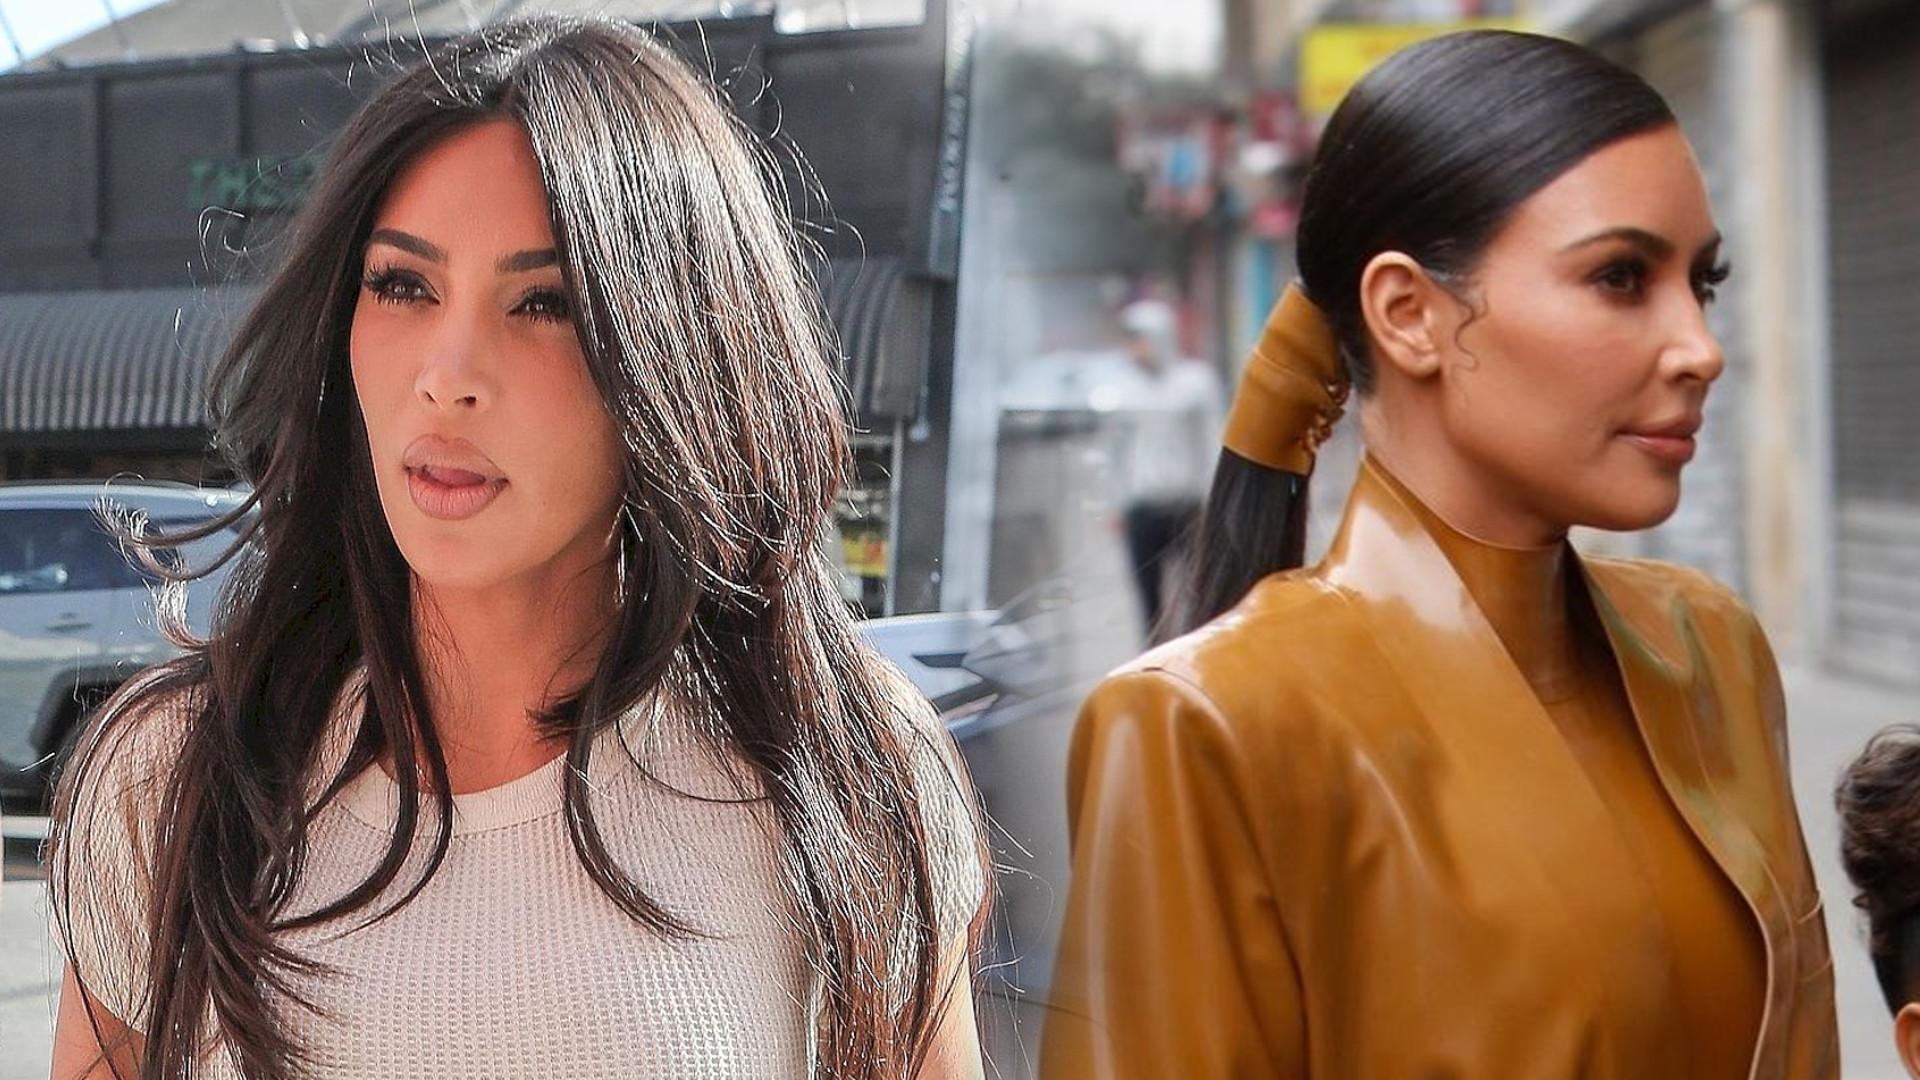 To się nazywa poświęcenie dla MODY – Kim Kardashian w tym stroju nie mogła nawet skorzystać z TOALETY